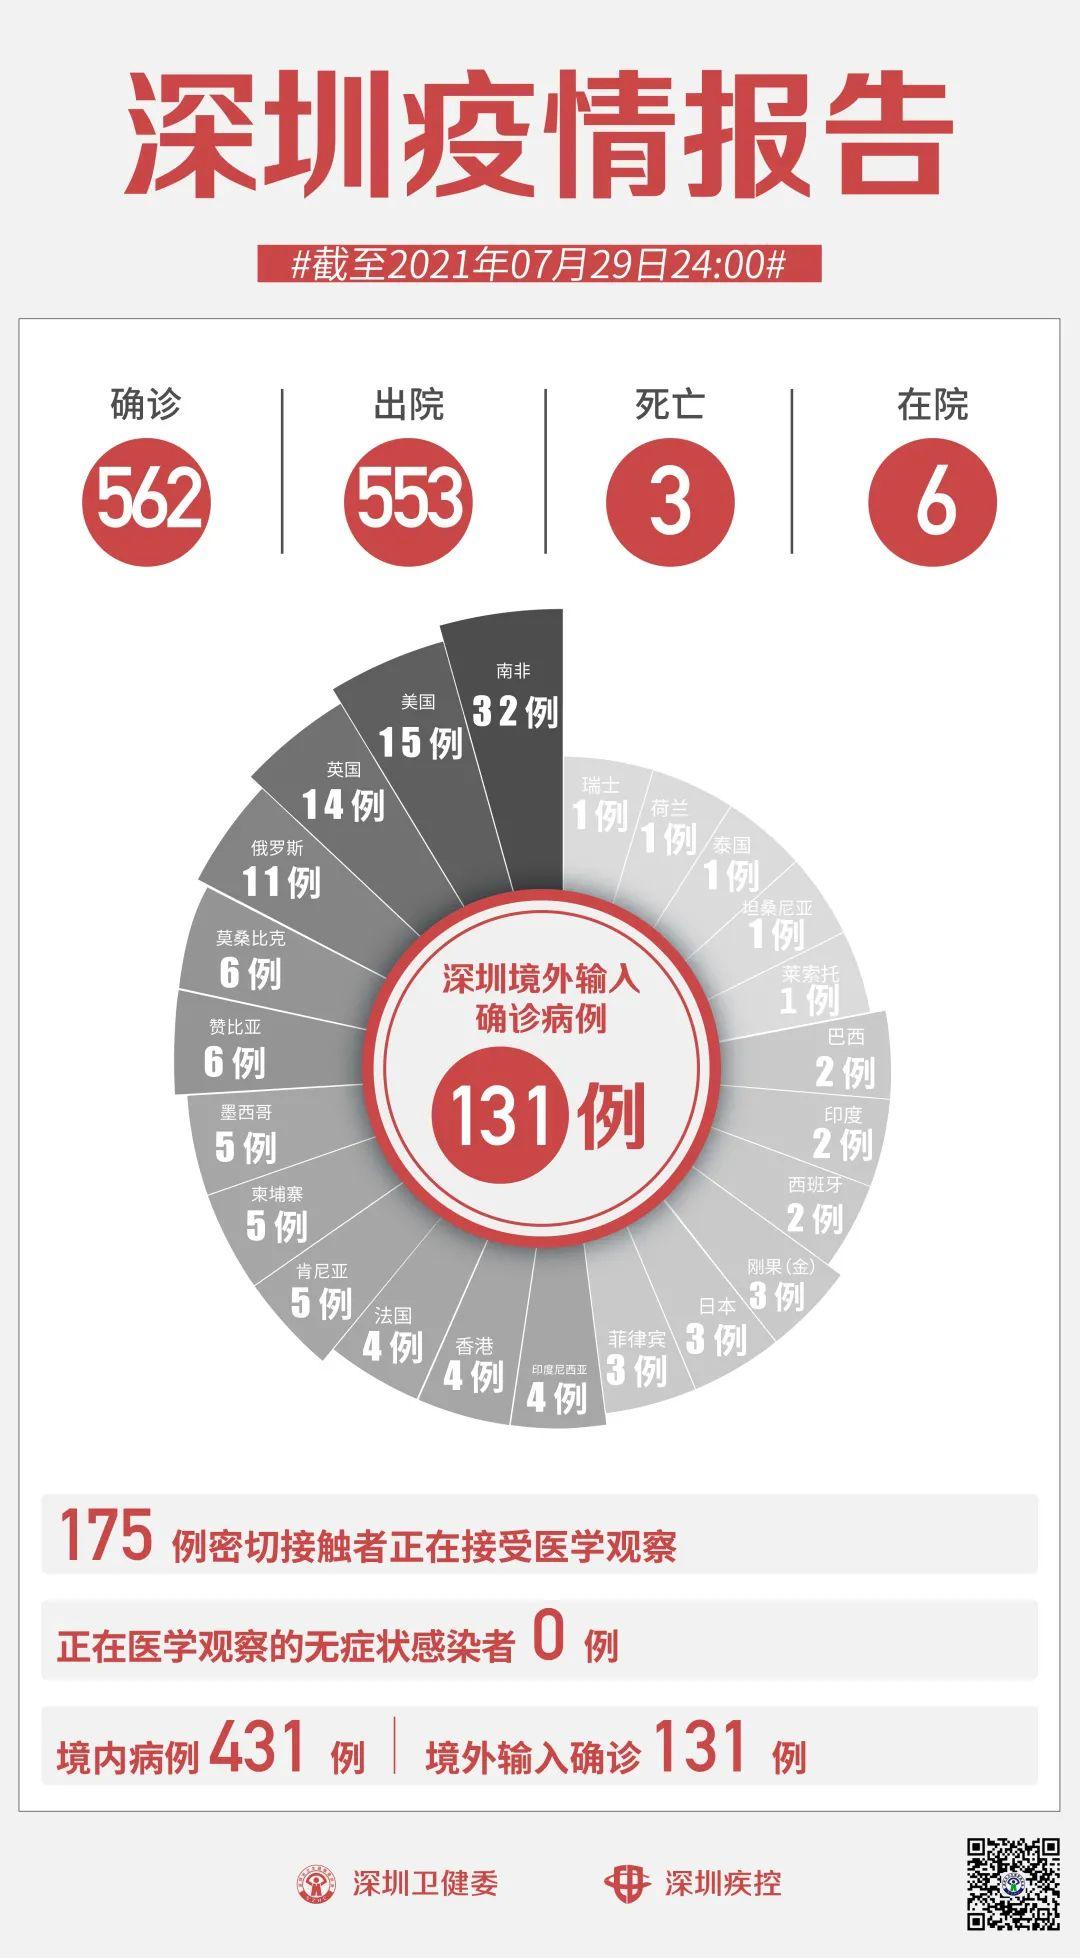 7月29日深圳无新增病例!